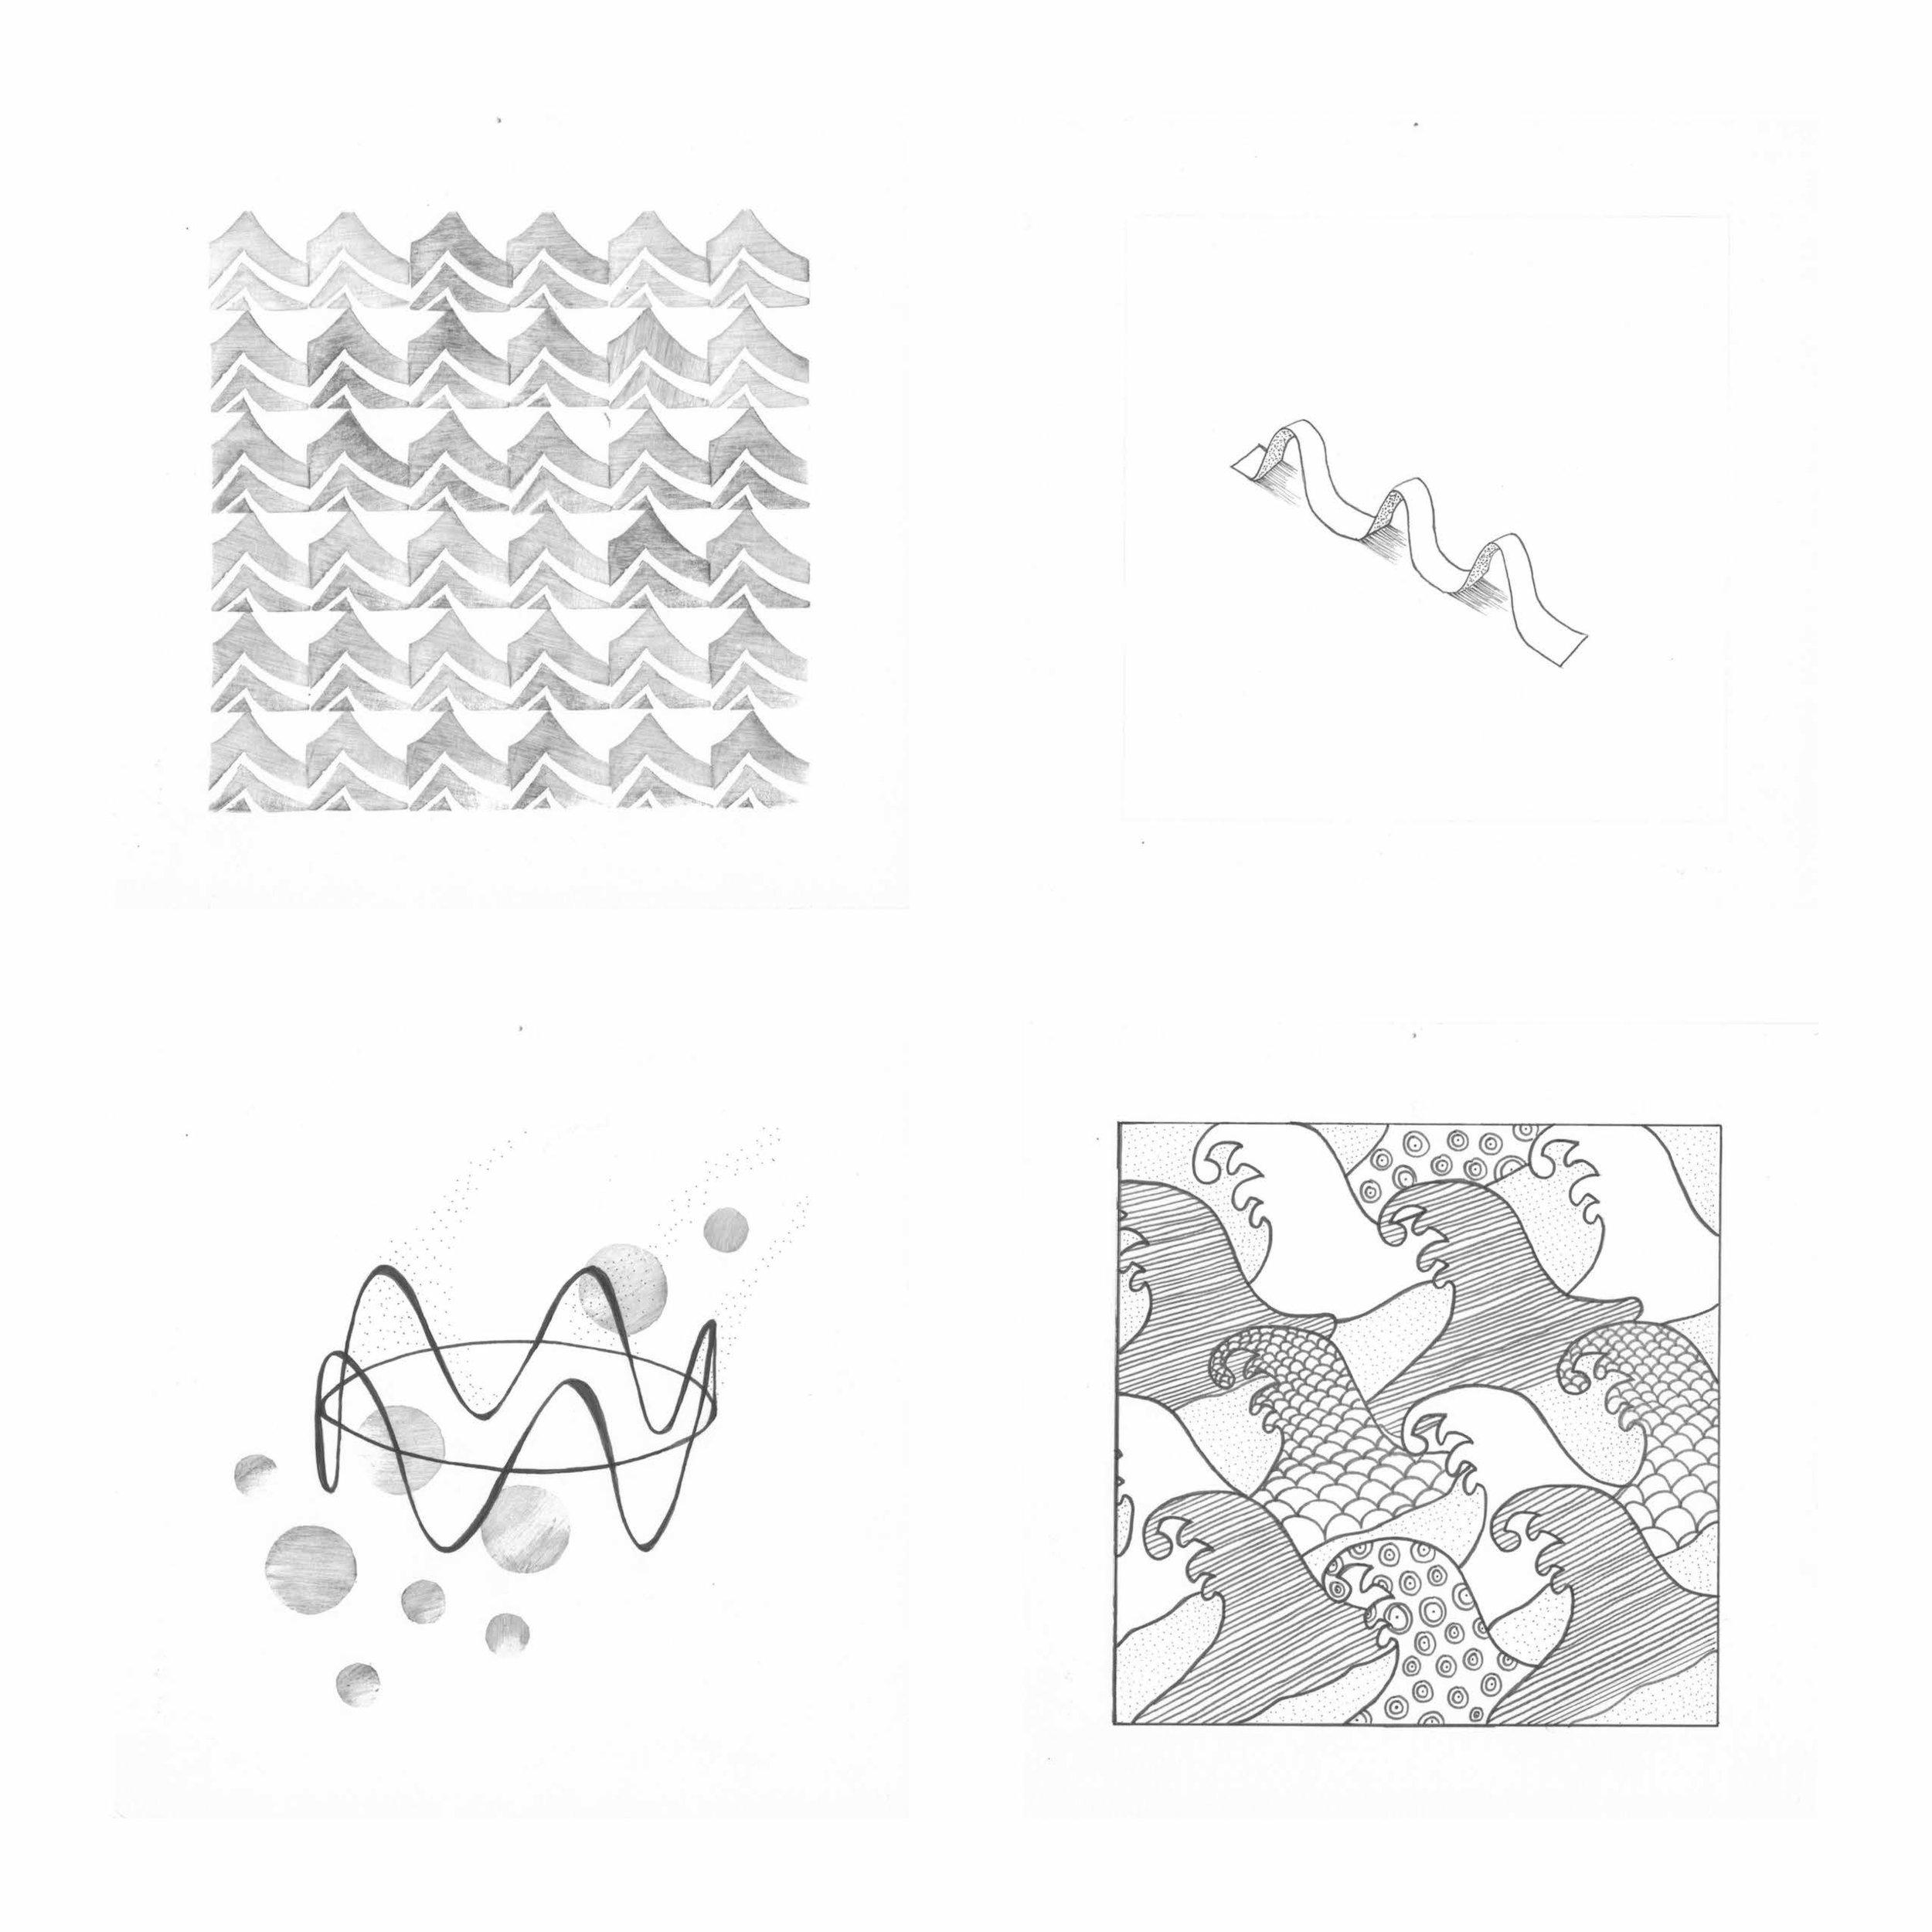 2d_Series_waves copy.jpg